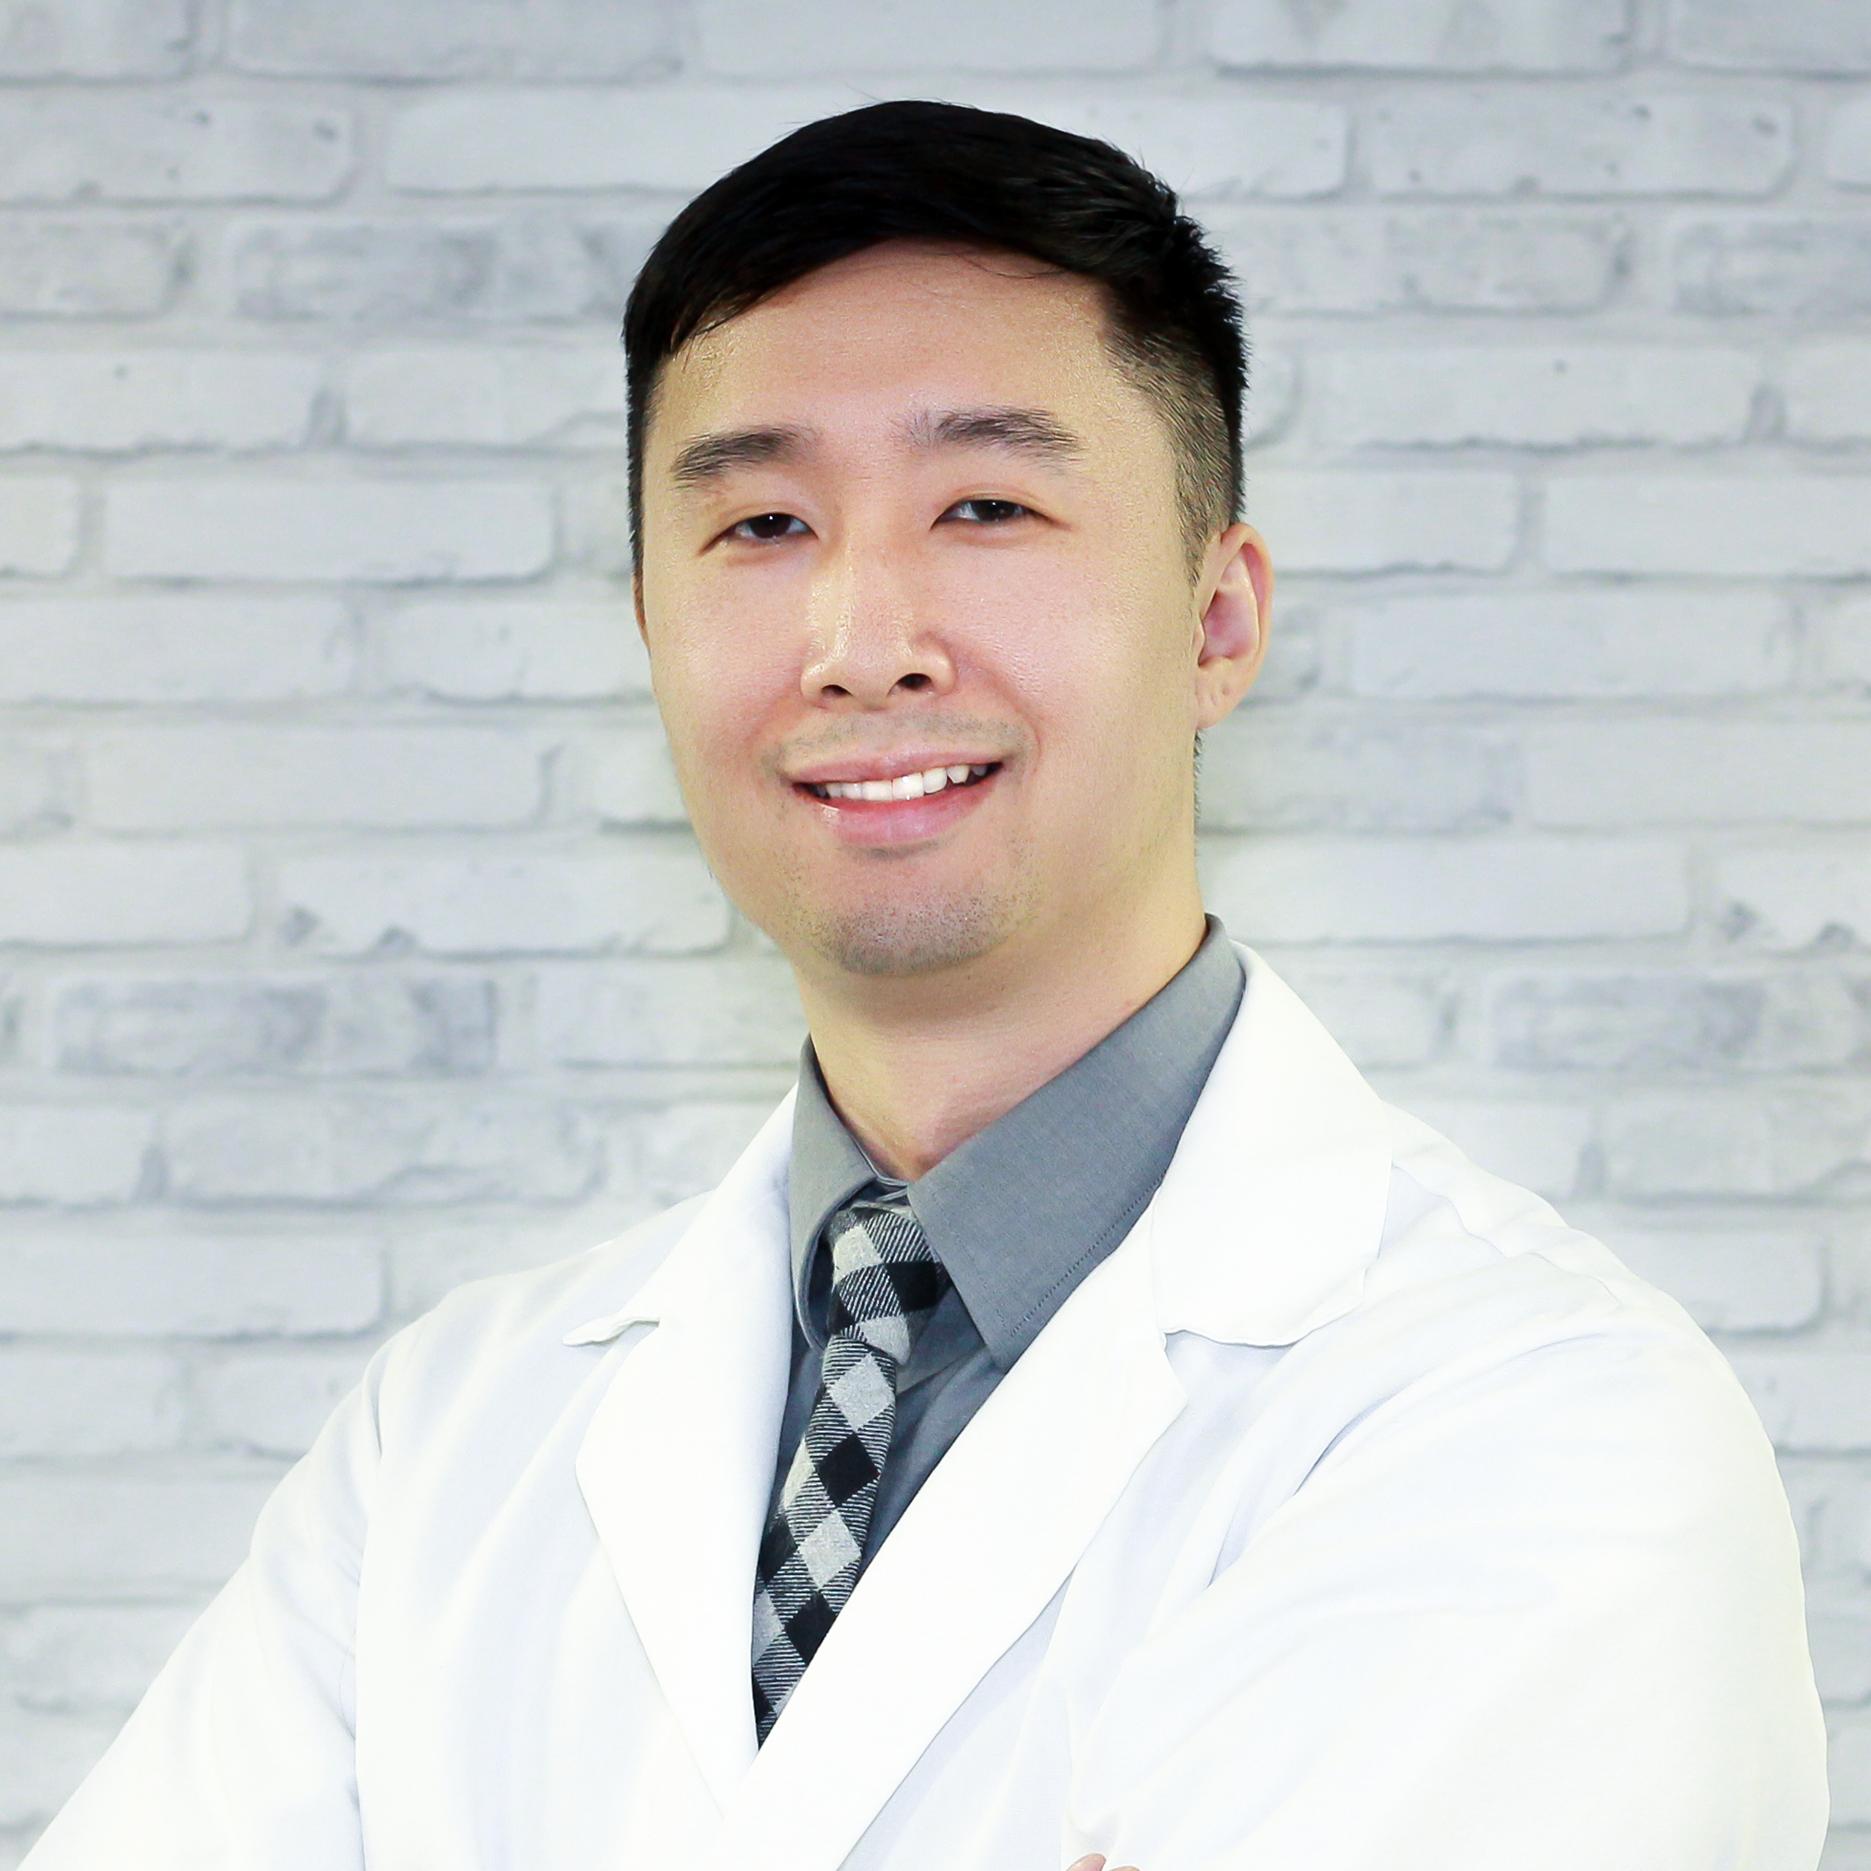 dentist in framinham, MA